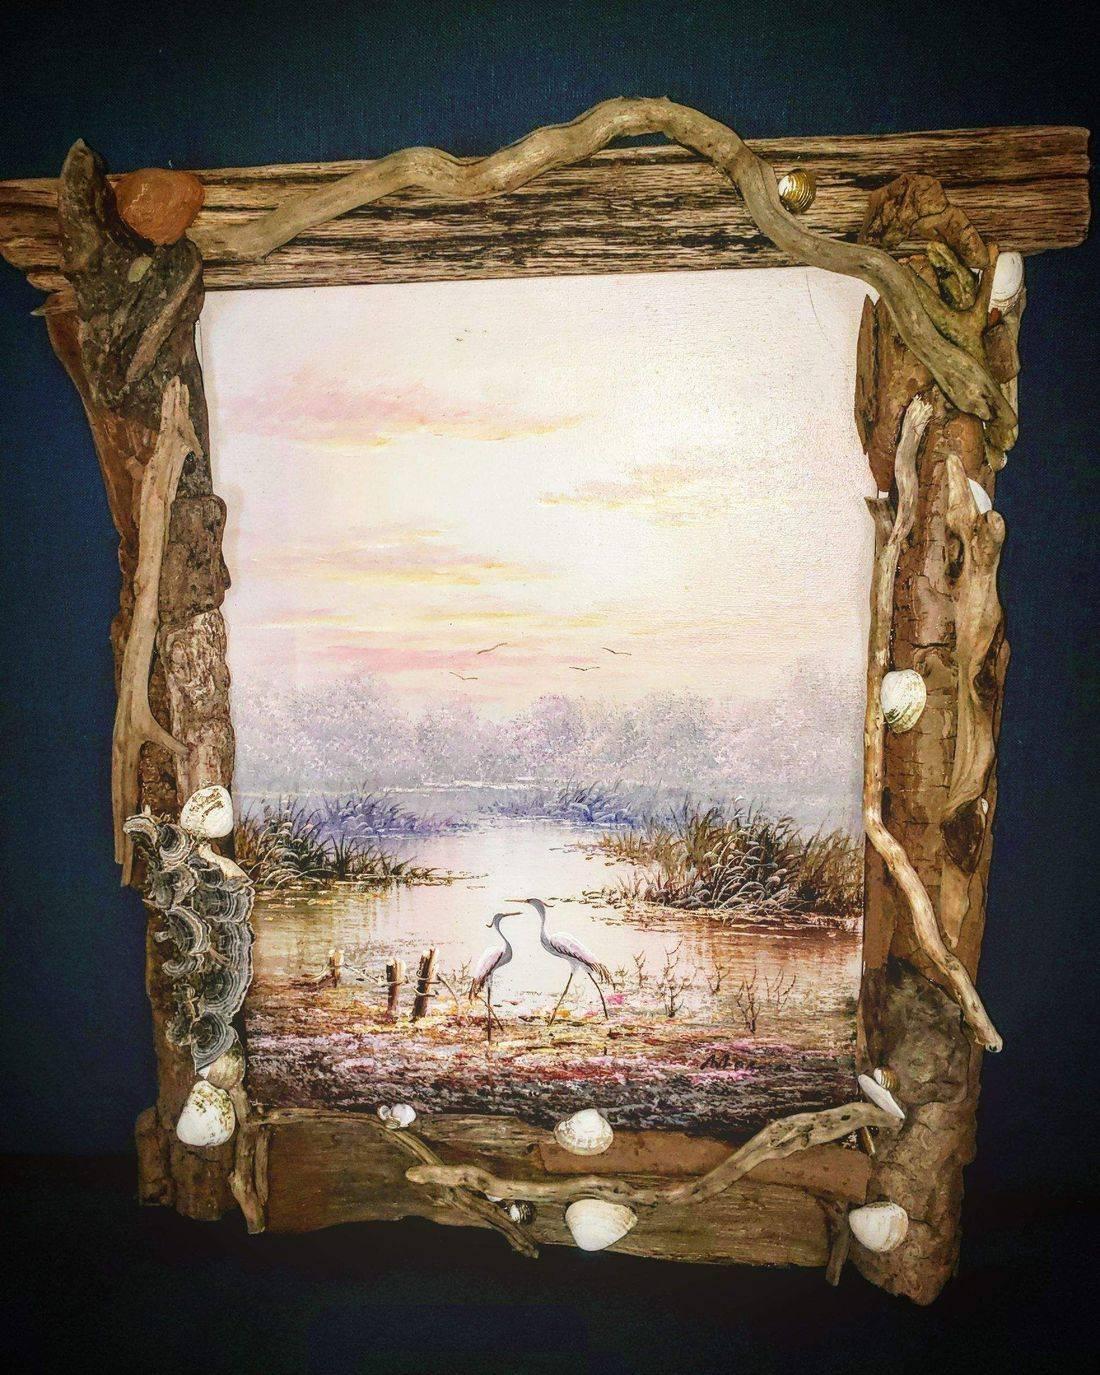 Driftwood frames